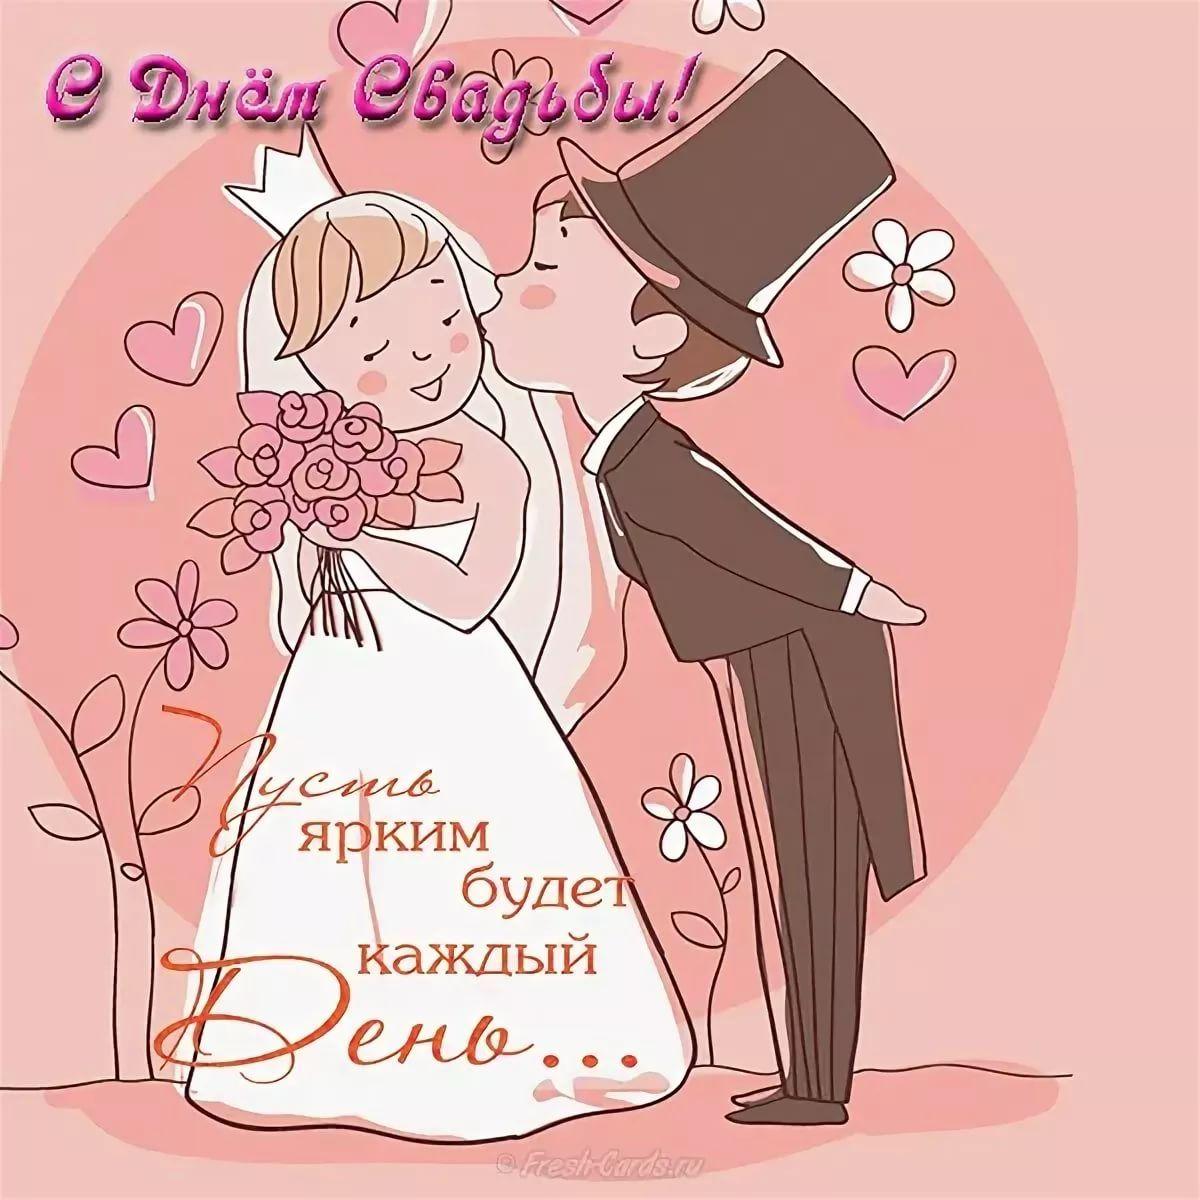 Смешные поздравления к месяцу свадьбы